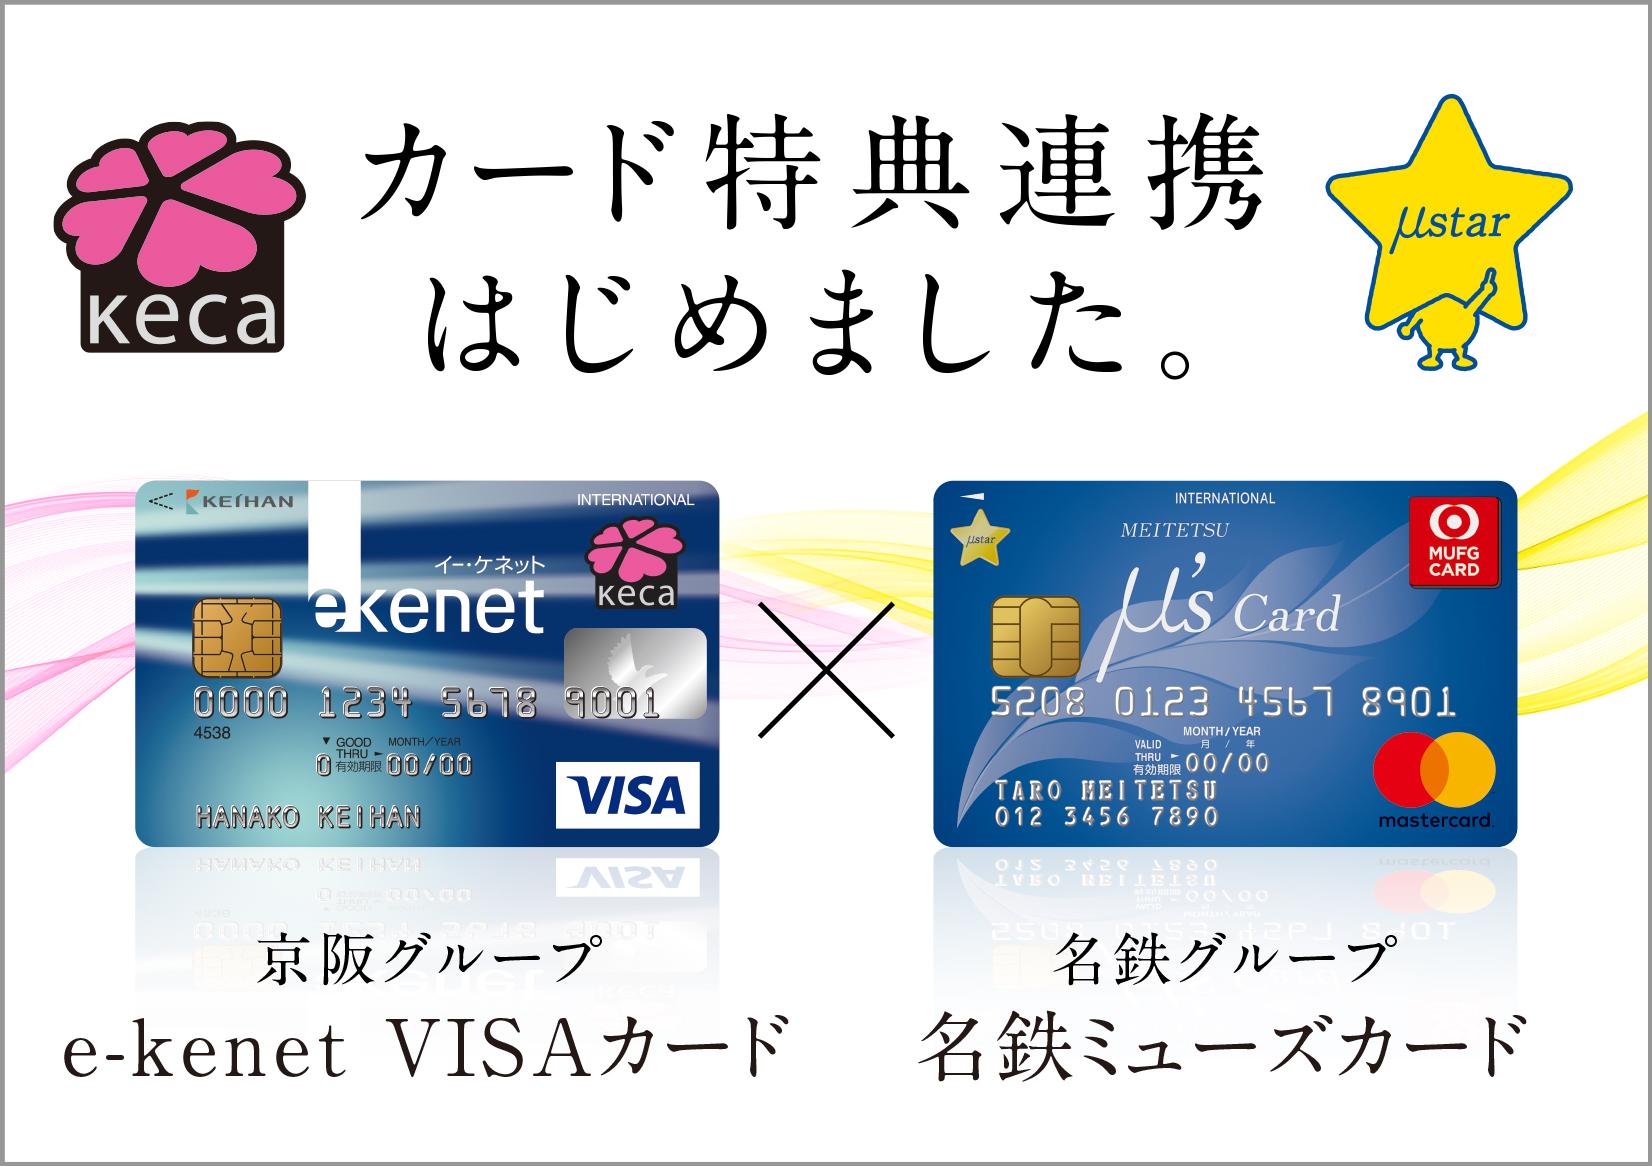 【名鉄ミューズカード】2019秋のご入会キャンペーン